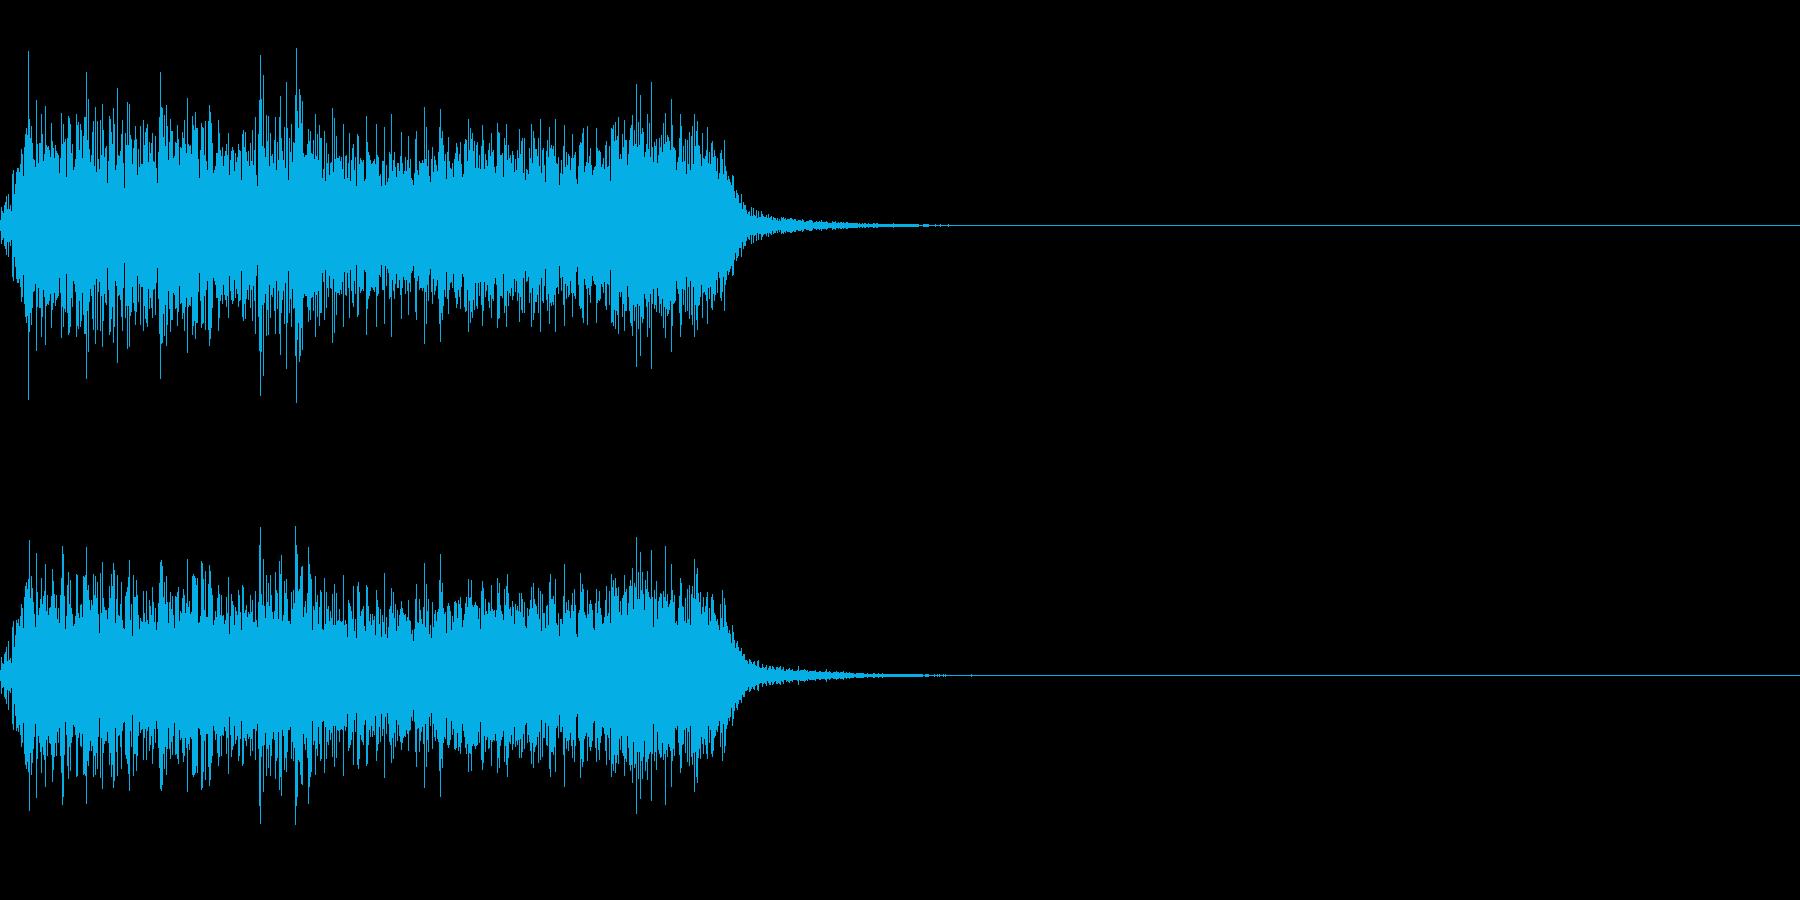 スパーク音-25の再生済みの波形